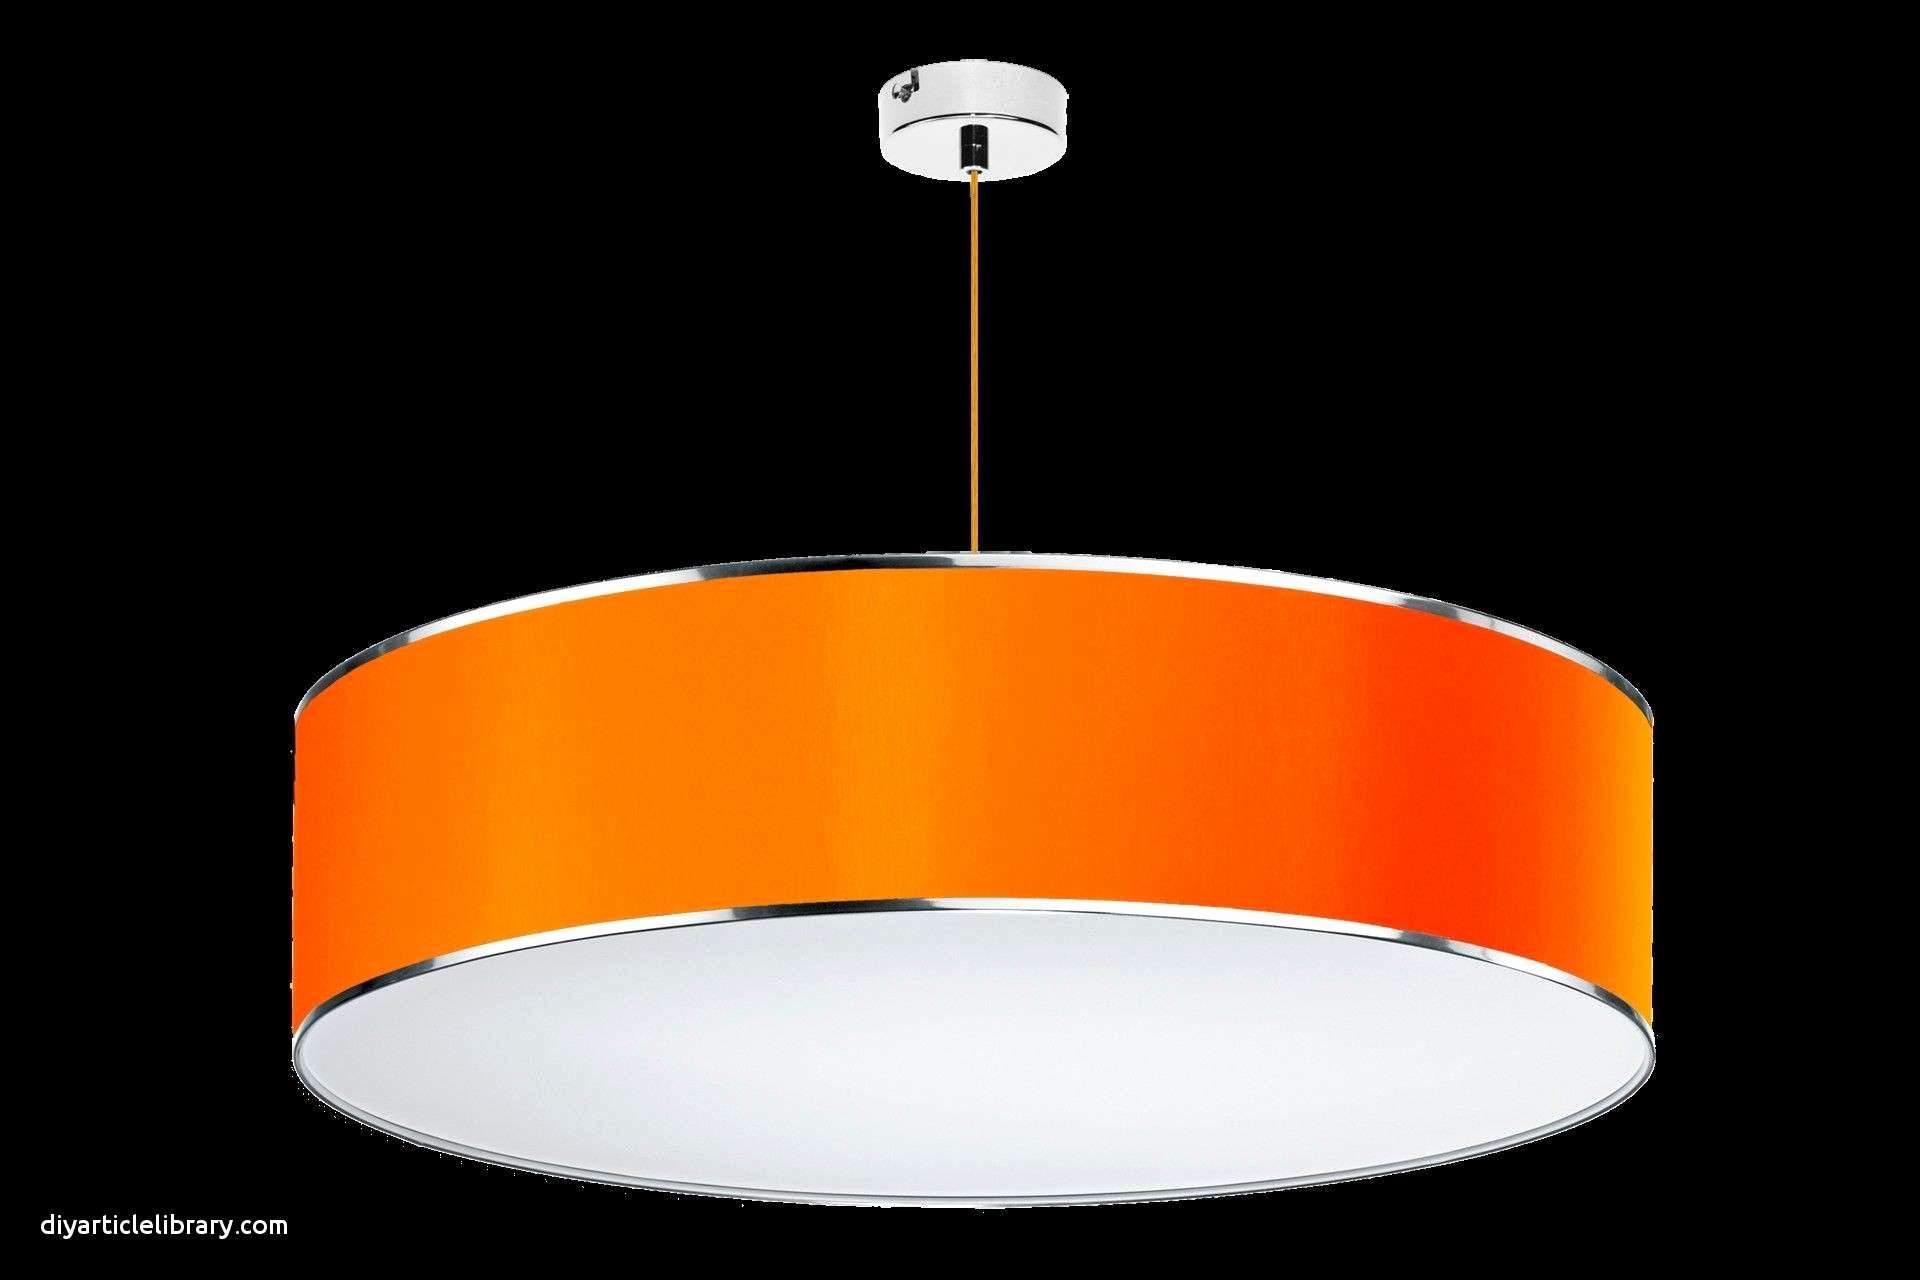 Full Size of Designer Lampen Led Spots Wohnzimmer Inspirierend Luxus Stehlampen Esstisch Badezimmer Bad Esstische Deckenlampen Für Regale Schlafzimmer Modern Betten Wohnzimmer Designer Lampen